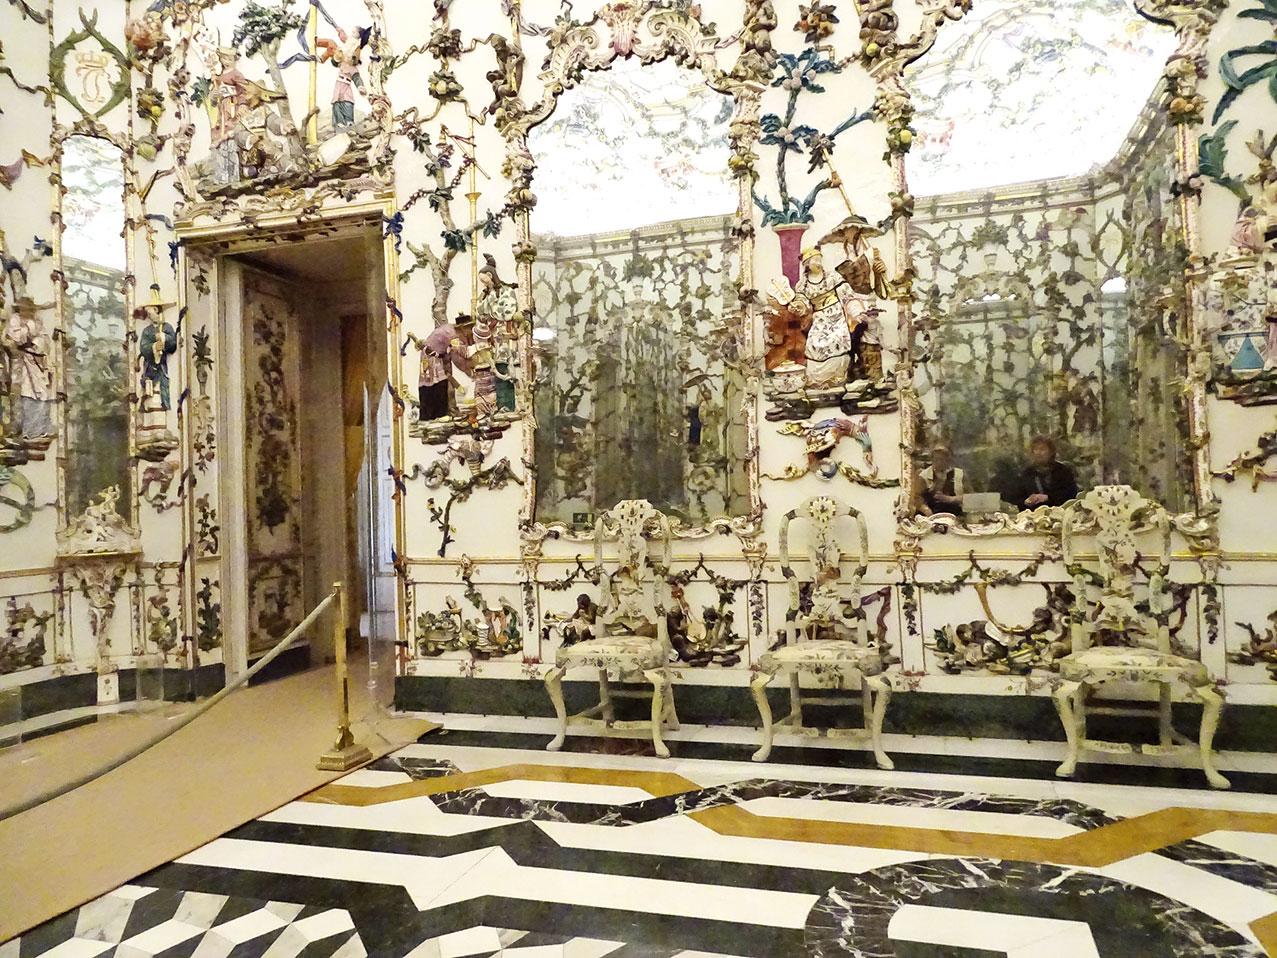 前西班牙王室住所、阿蘭胡埃斯皇宮的瓷器大廳上中國人物(Royal Palace of Aranjuez - Porcelain Hall) , 查爾斯三世時期(Charles III 1716 ~1788年) 建造。(Ljuba brank/Wikimedia Commons)